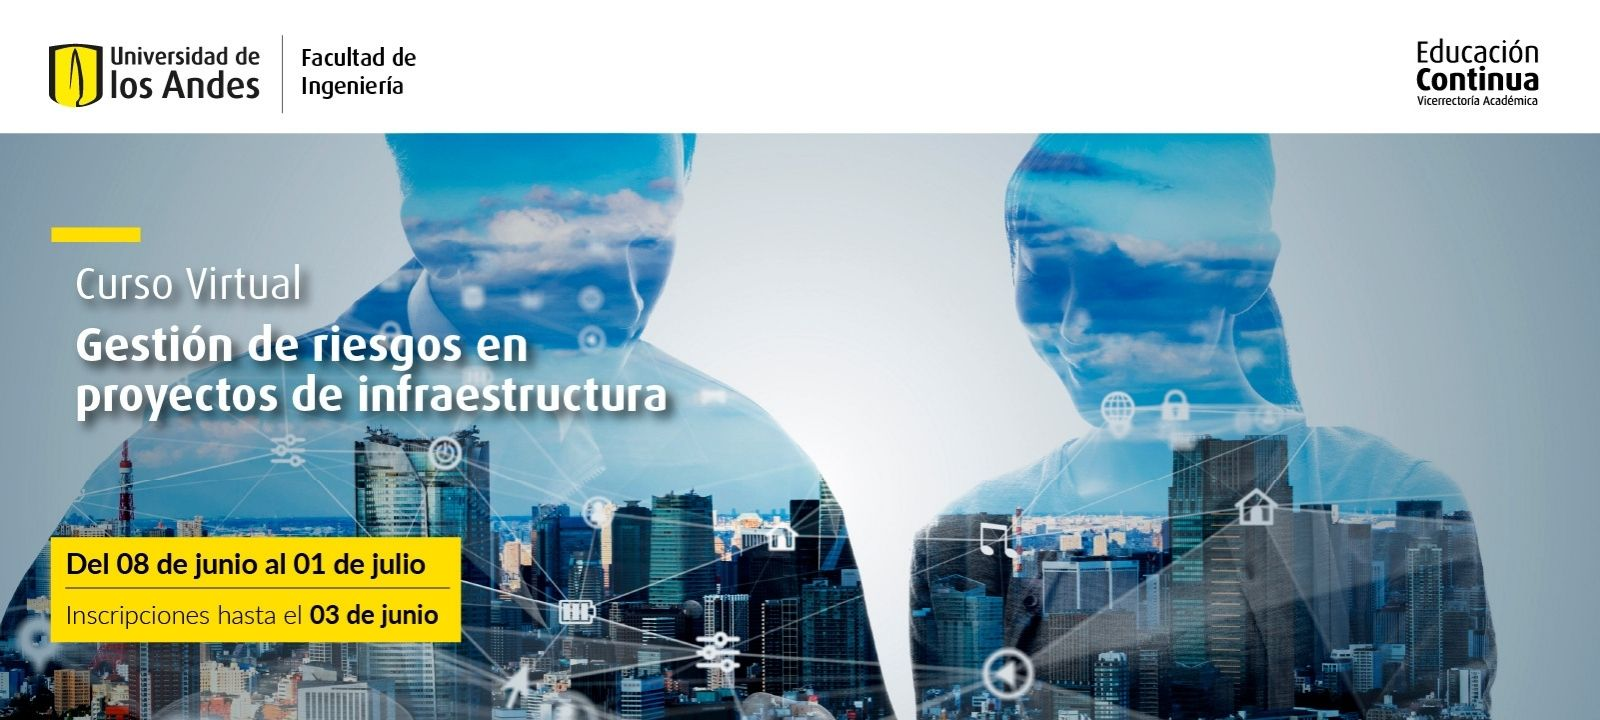 Curso virtual - Gestión de riesgos en proyectos de infraestructura